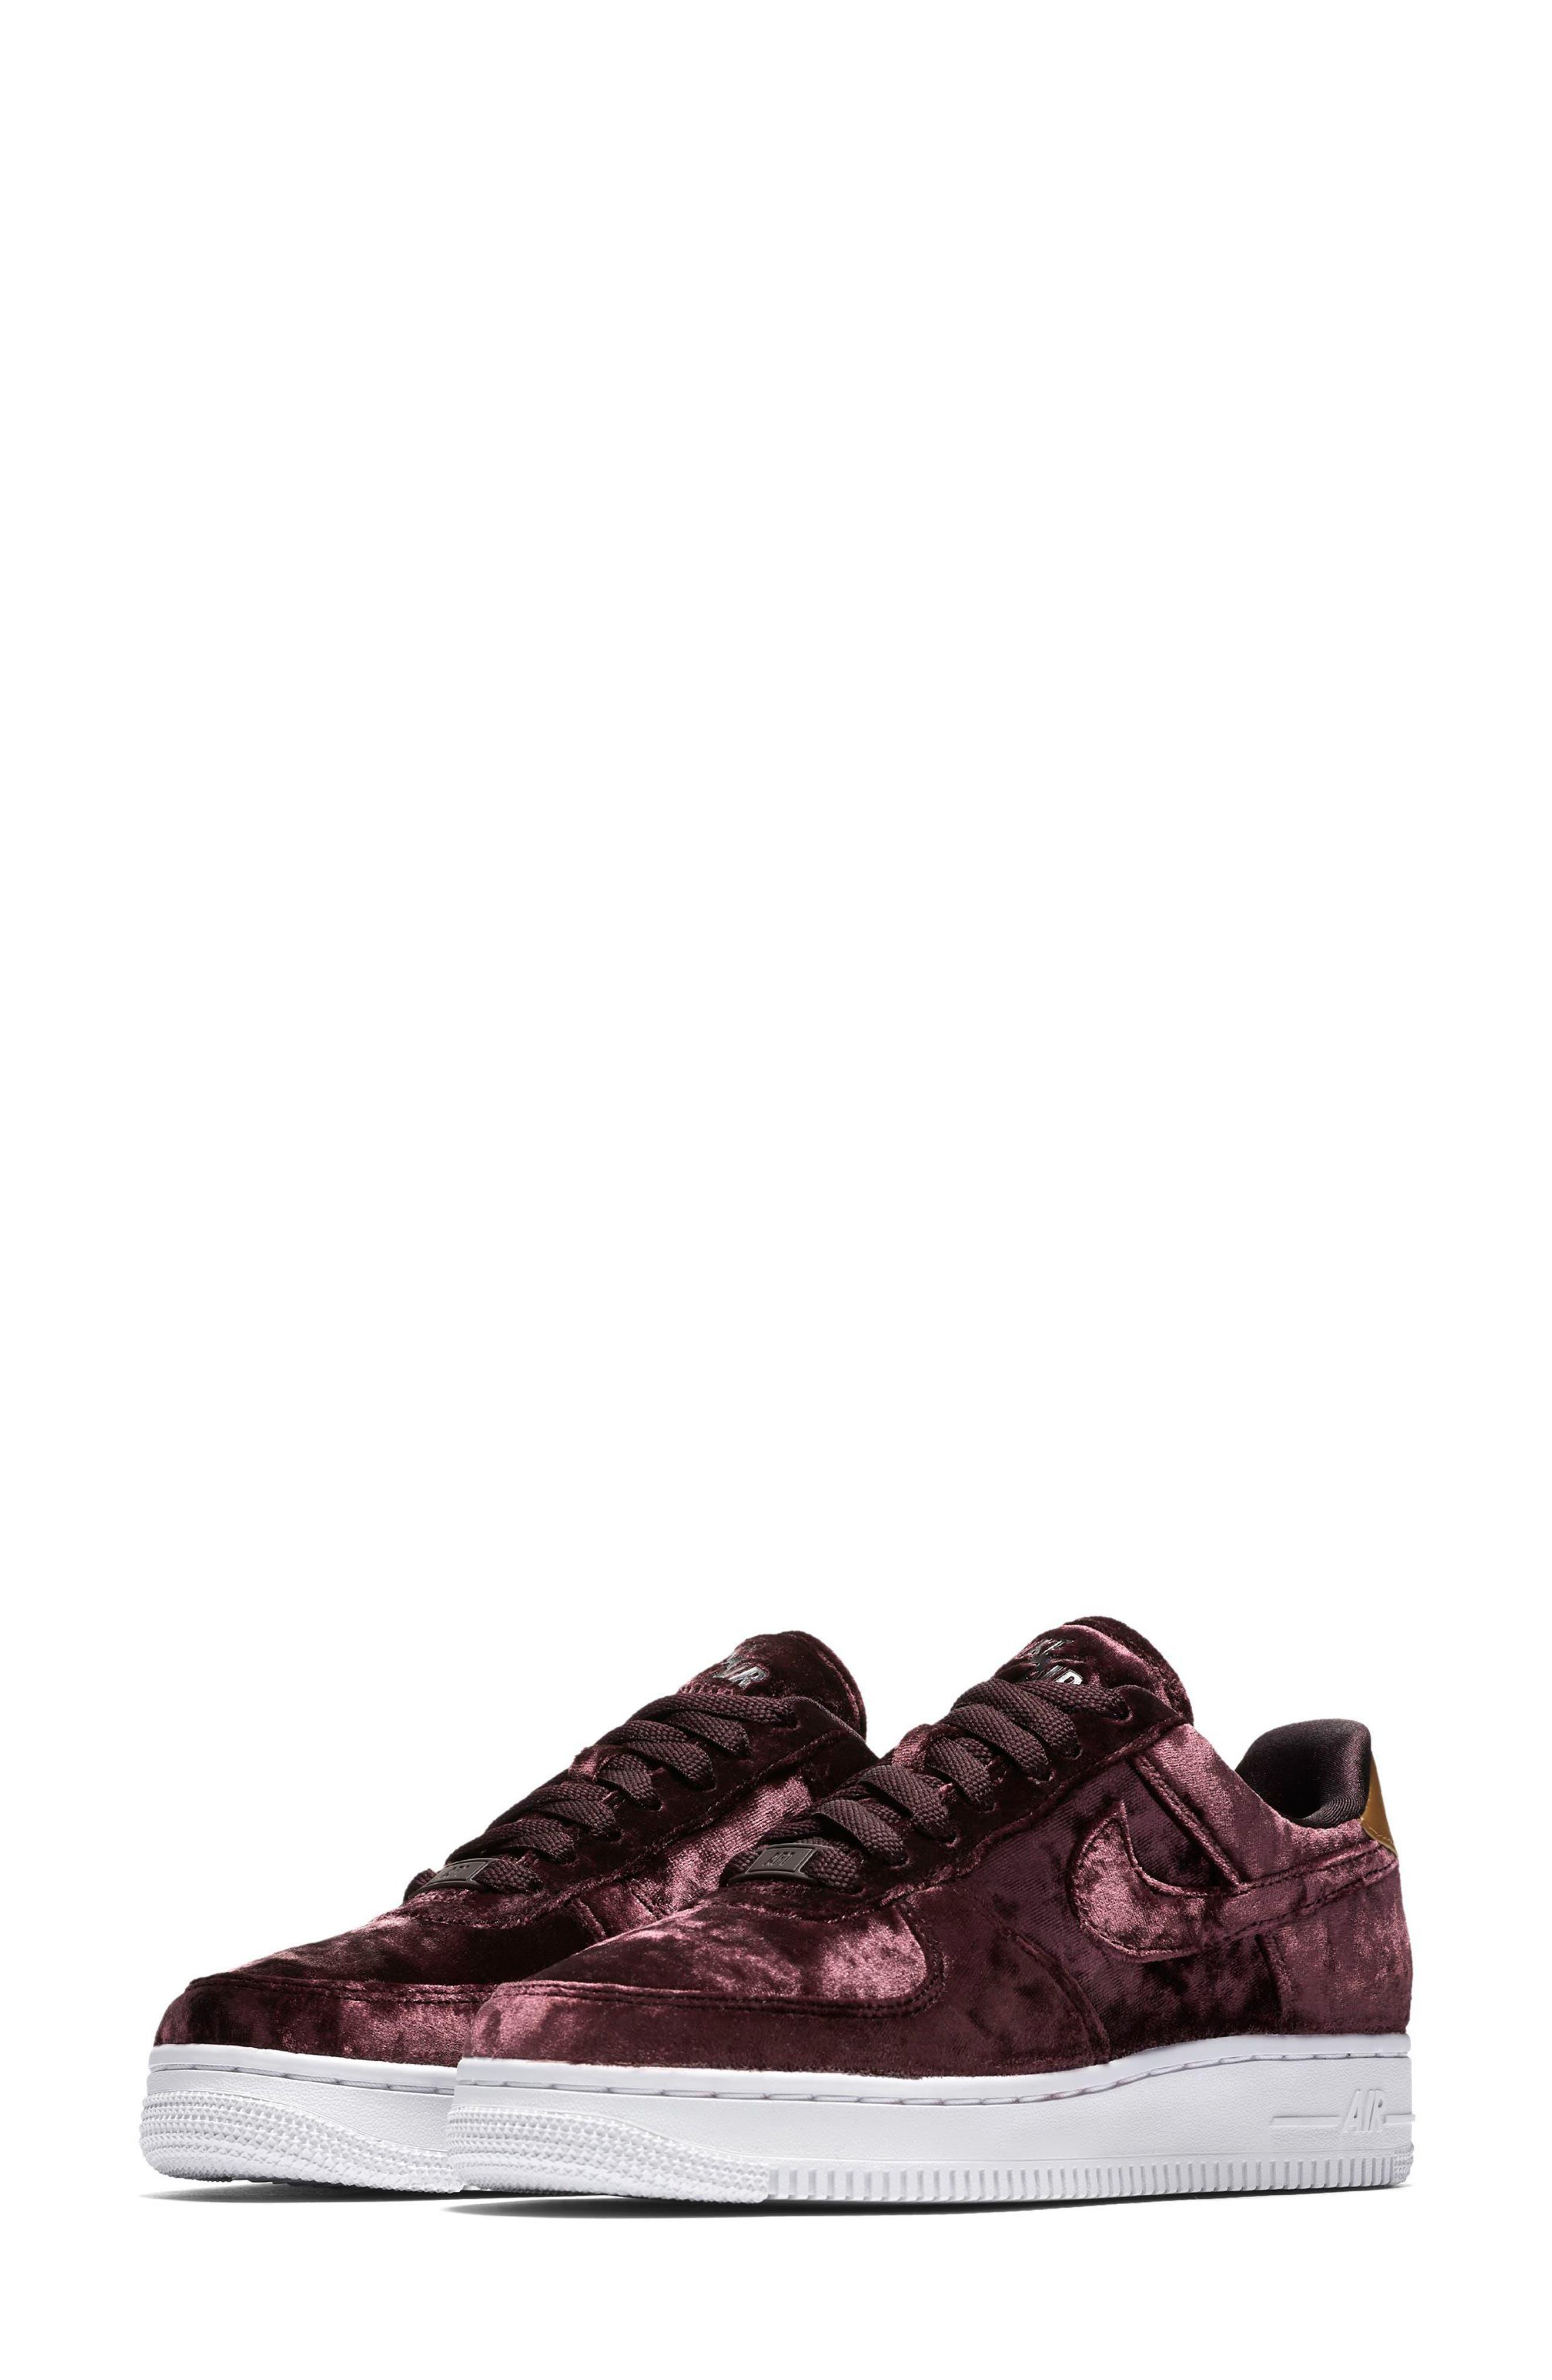 Nike Air Force 1 '07 Premium Sneaker (Women)